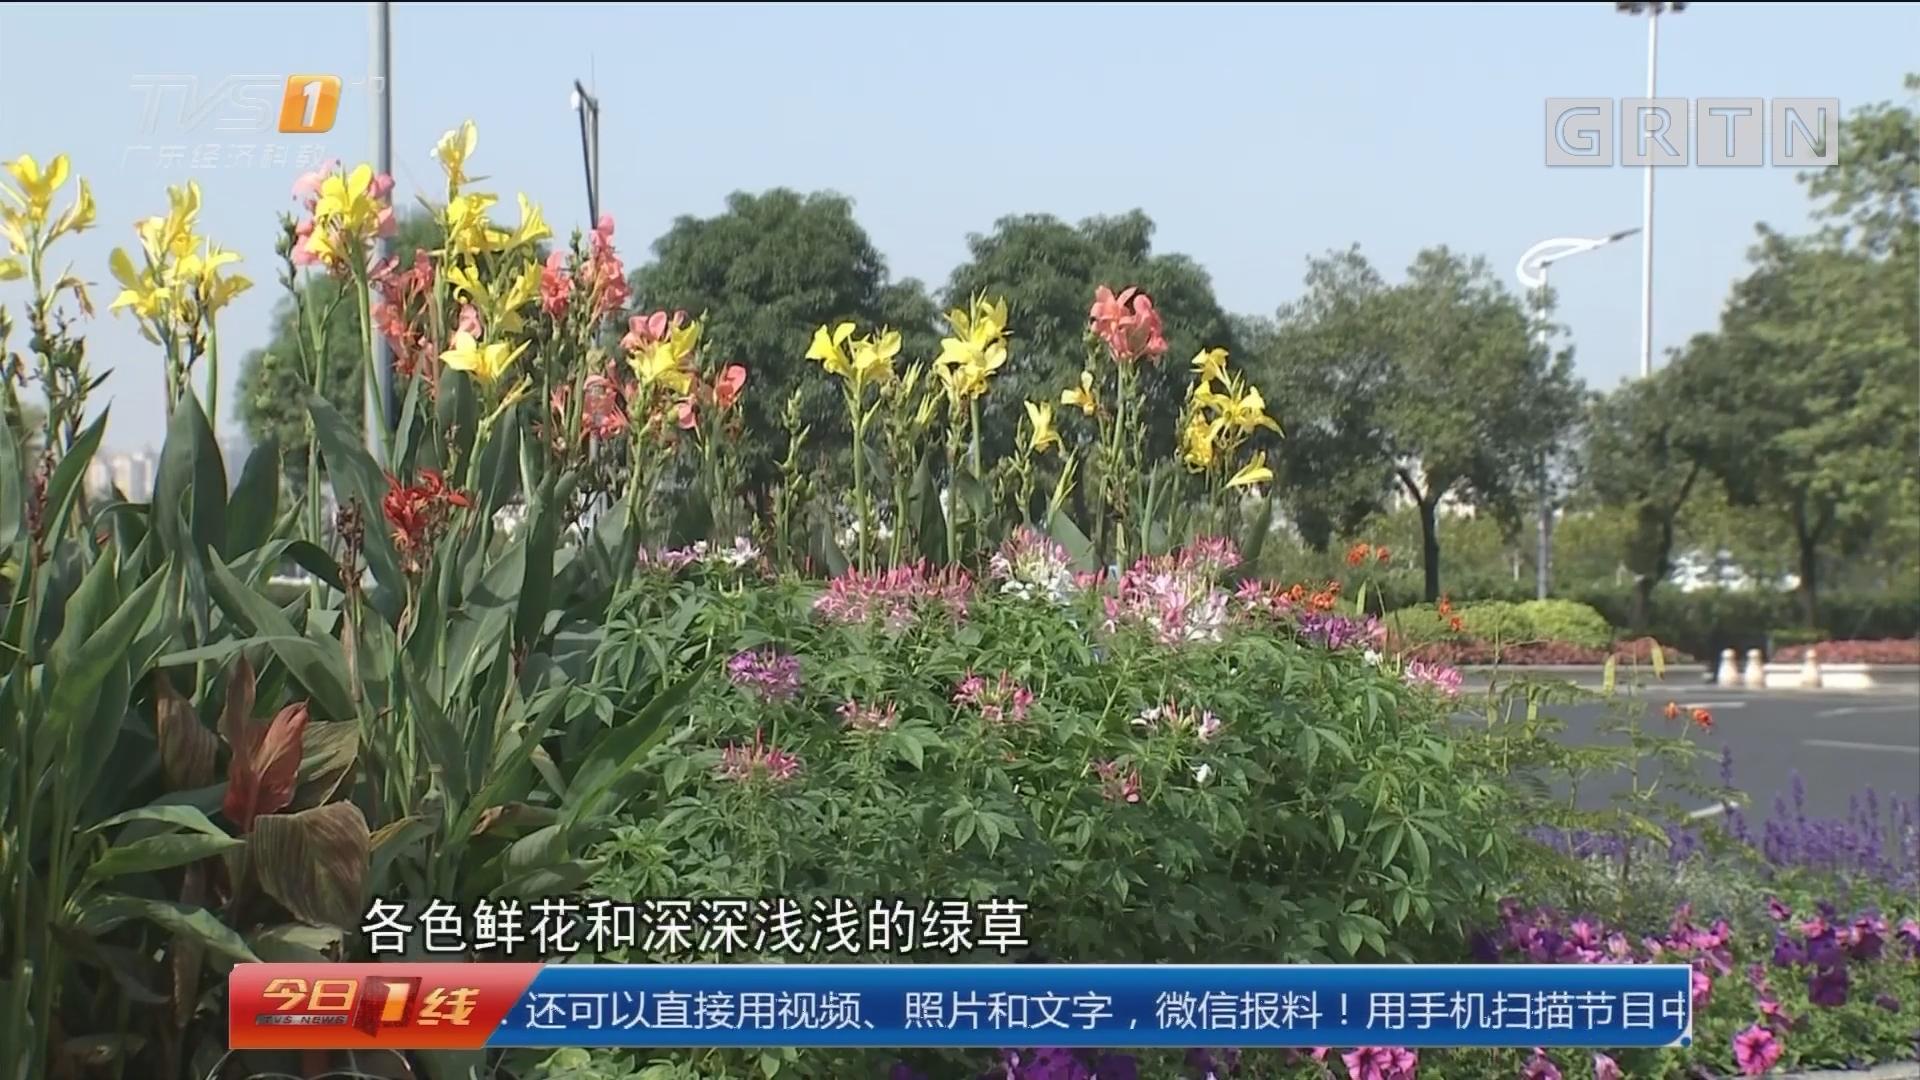 广州:鲜花争奇斗艳 美景共赏